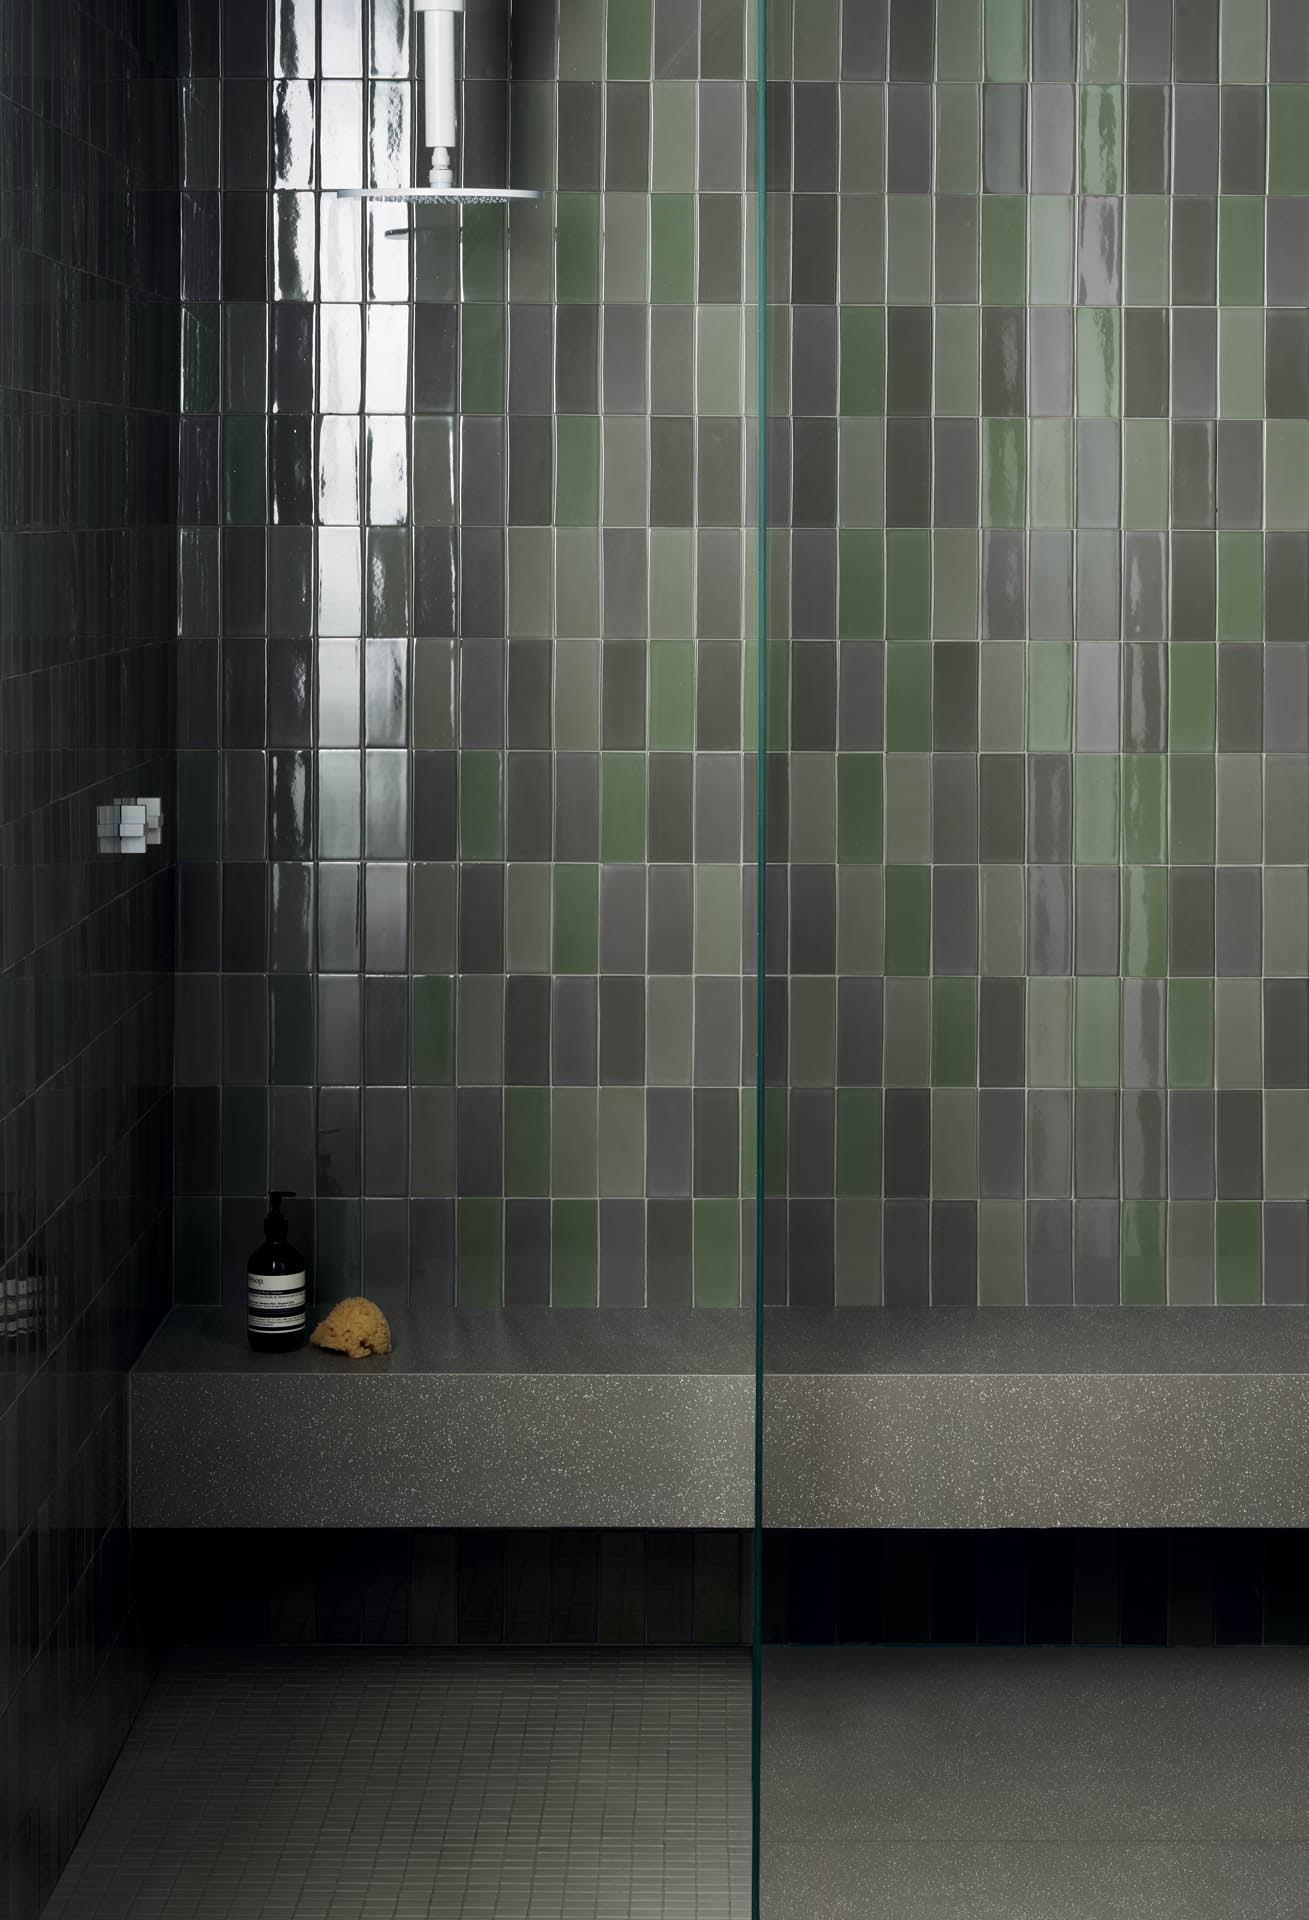 """Wall Brick Lux Verde 6,5x15,5 Floor Cosmo Verde 80x80 32""""x32""""/ Micro Cosmo Verde 29,5x29,5 12""""x12"""" Bench Cosmo Verde 80x80 32""""x32"""""""